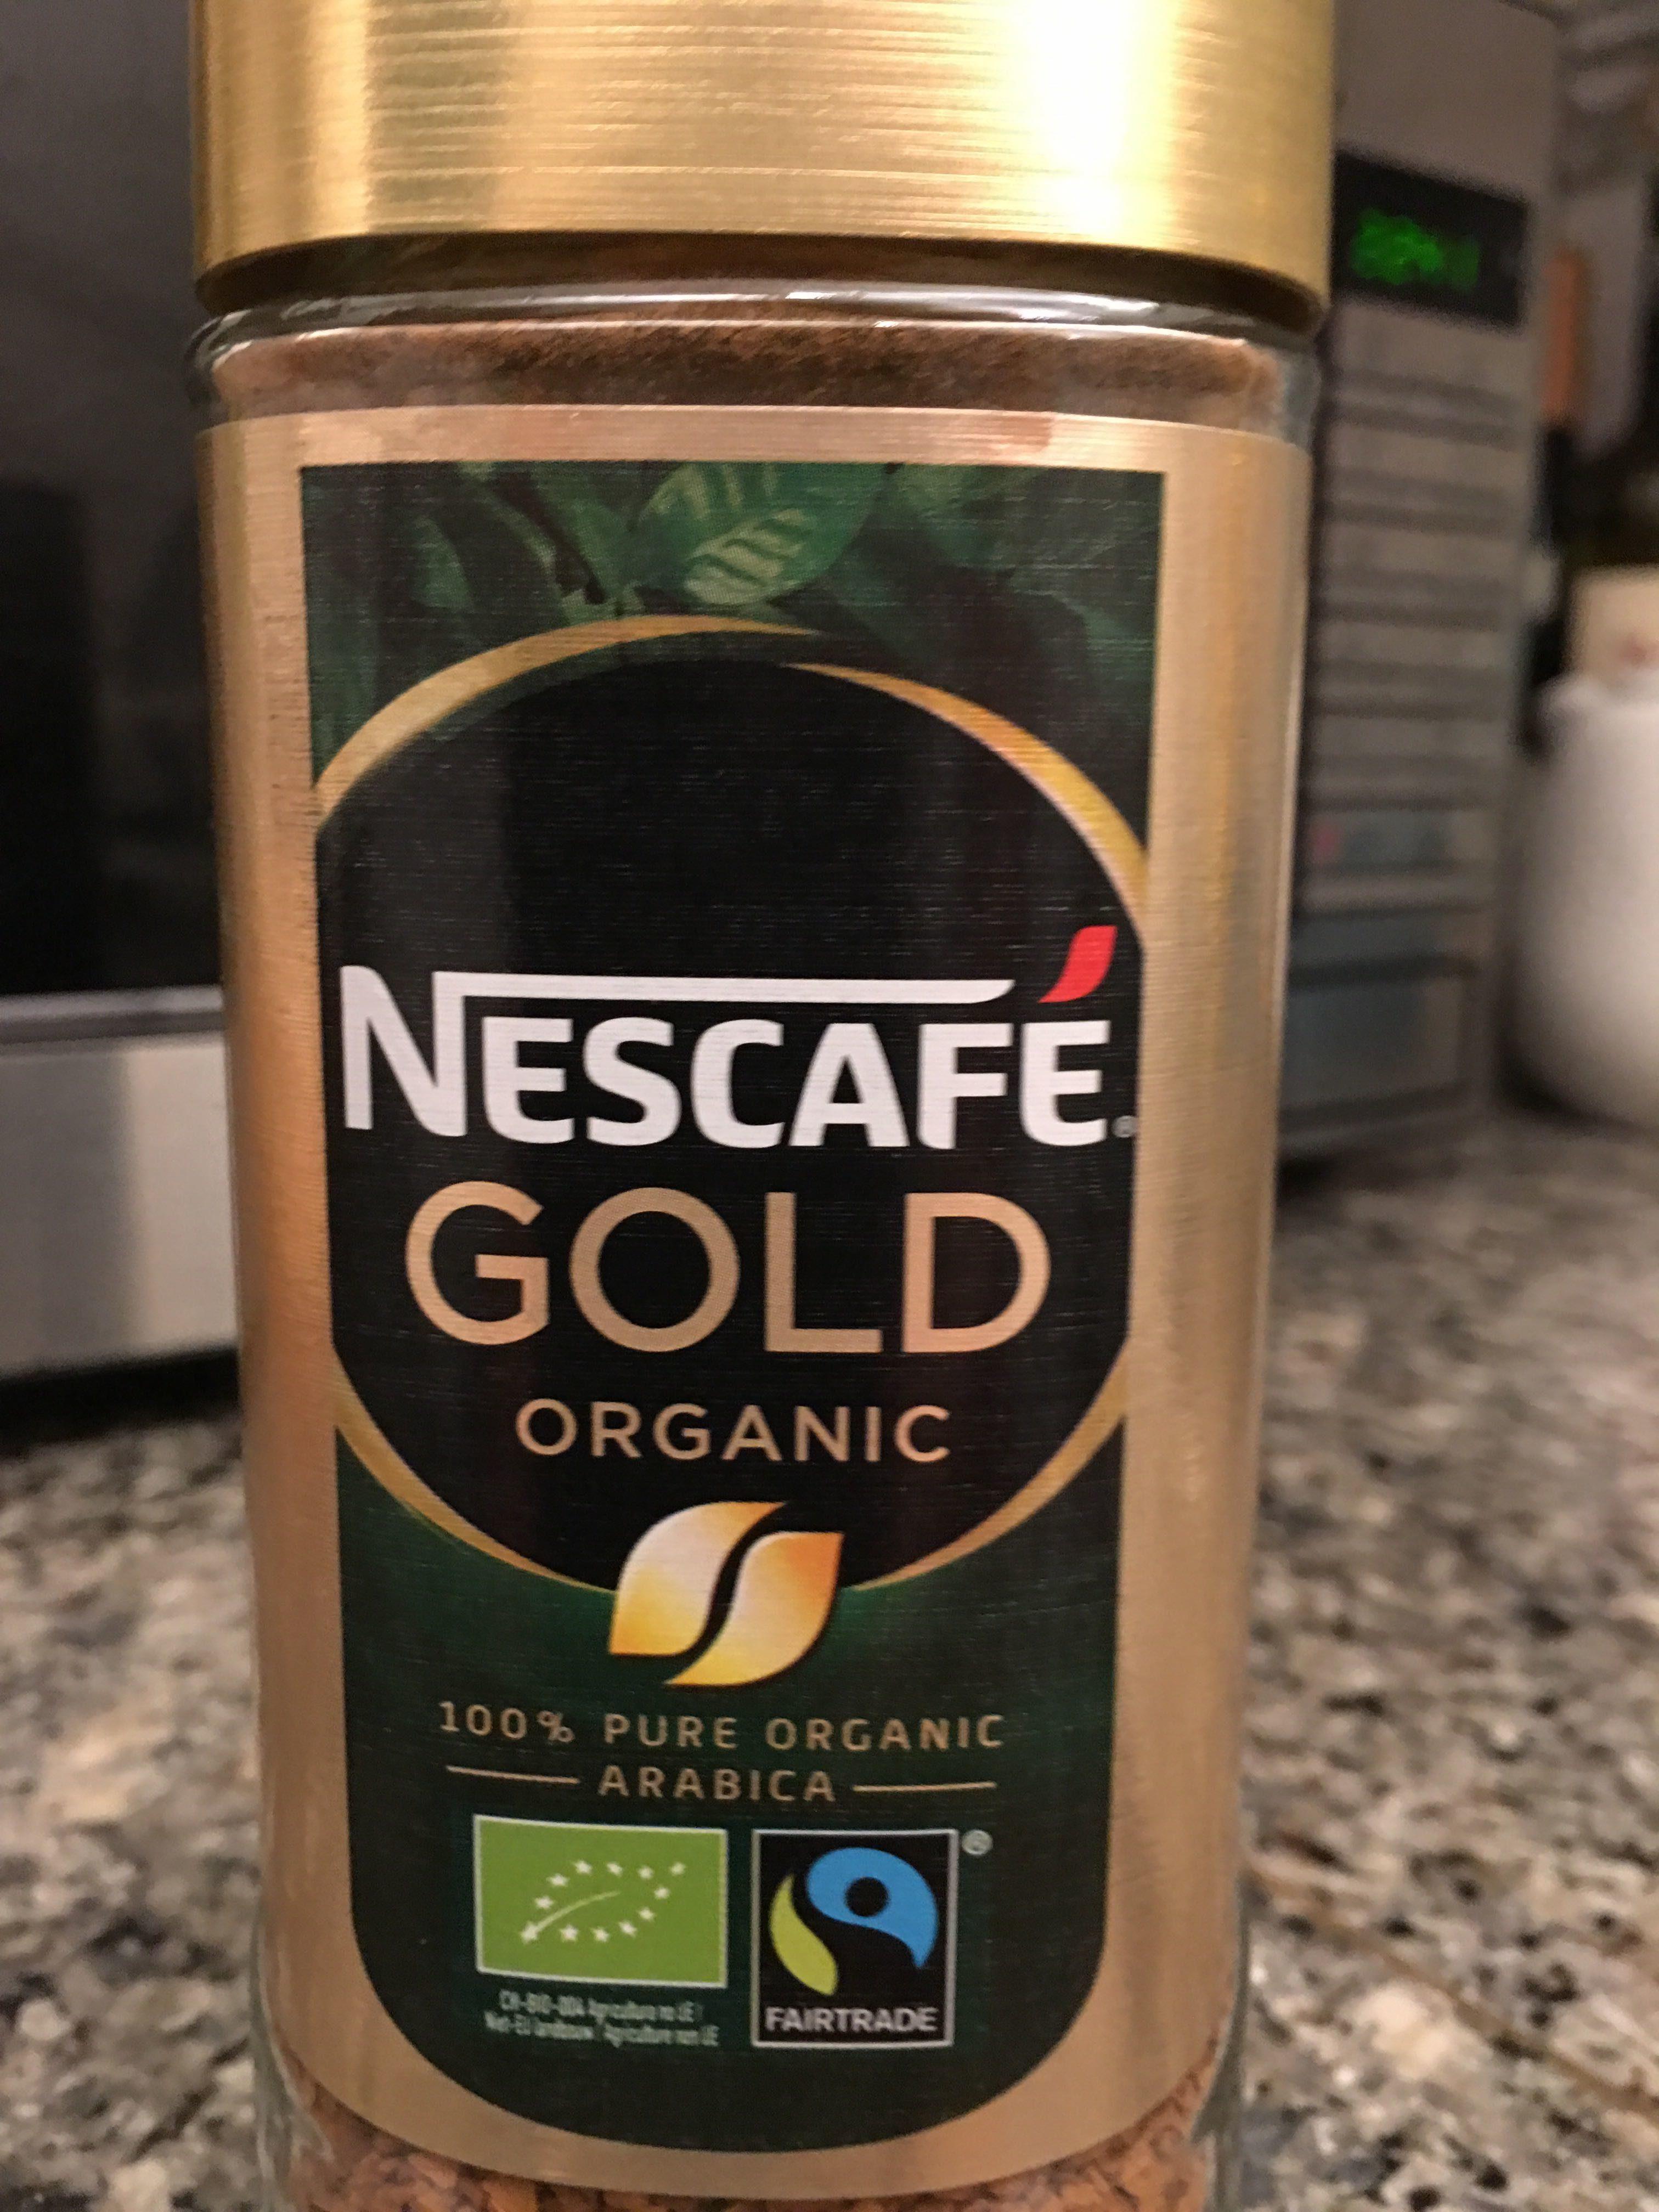 Gold Organic café soluble 100% arábica - Produit - en